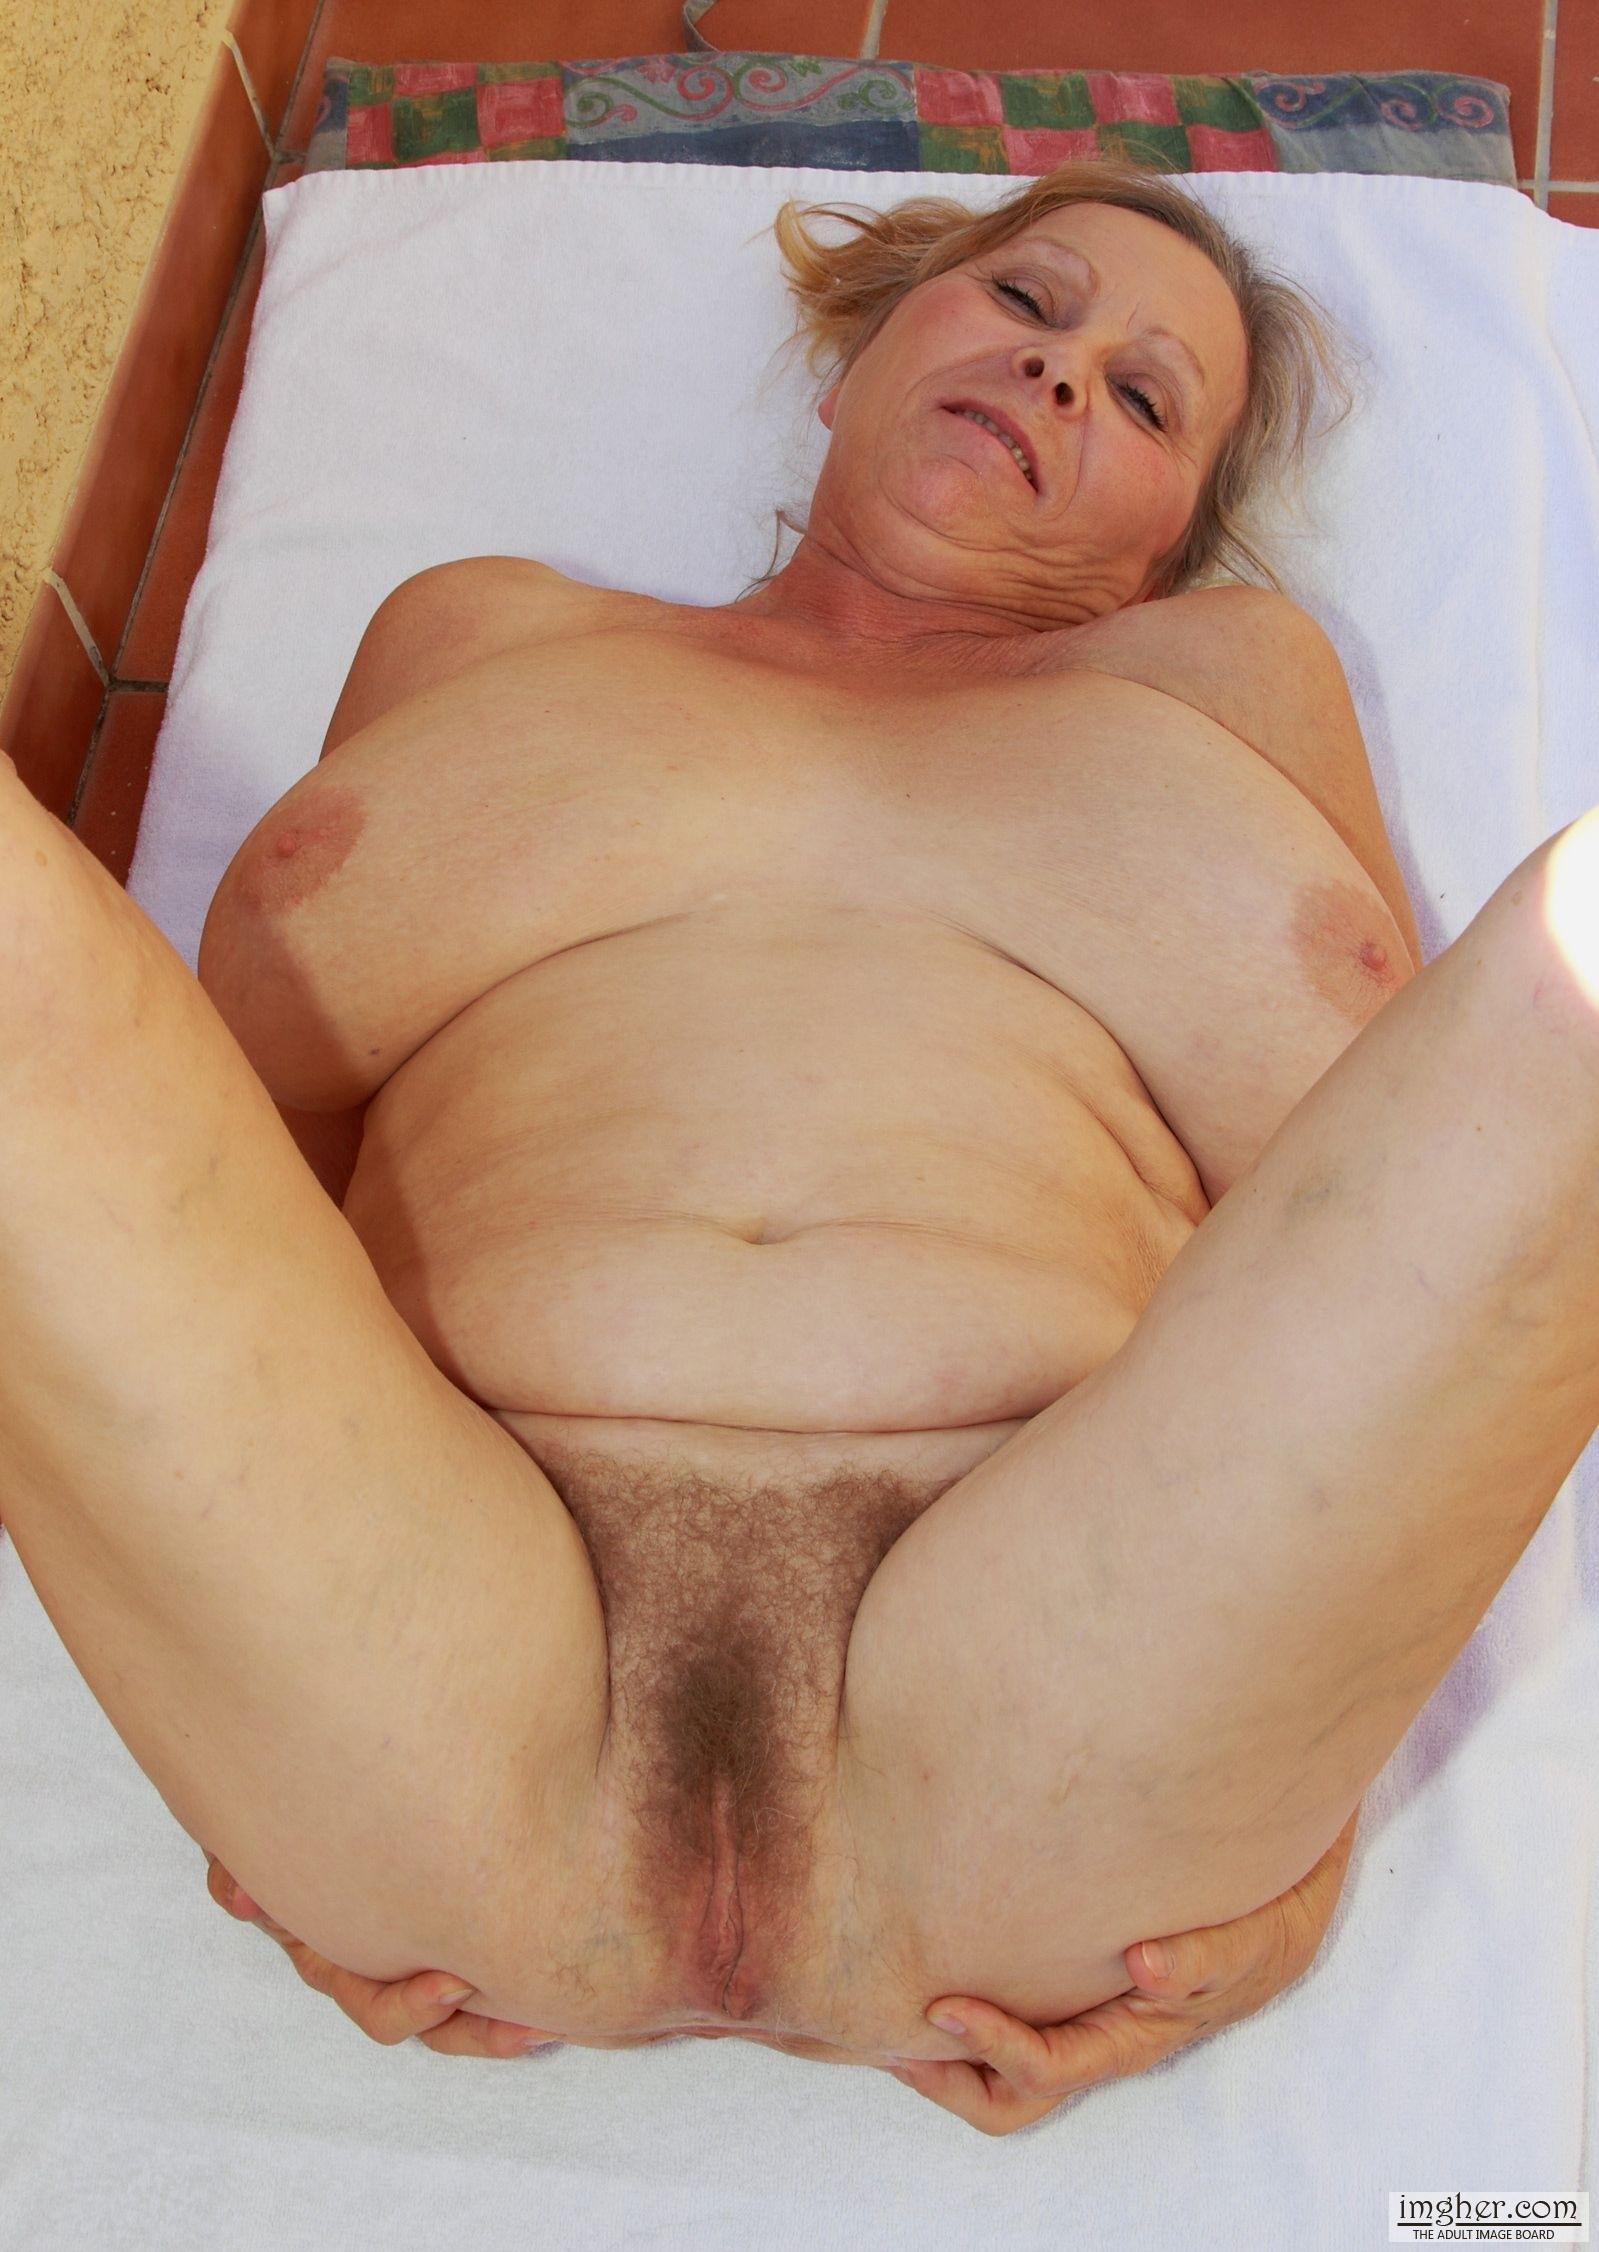 Mature granny date by troc 8